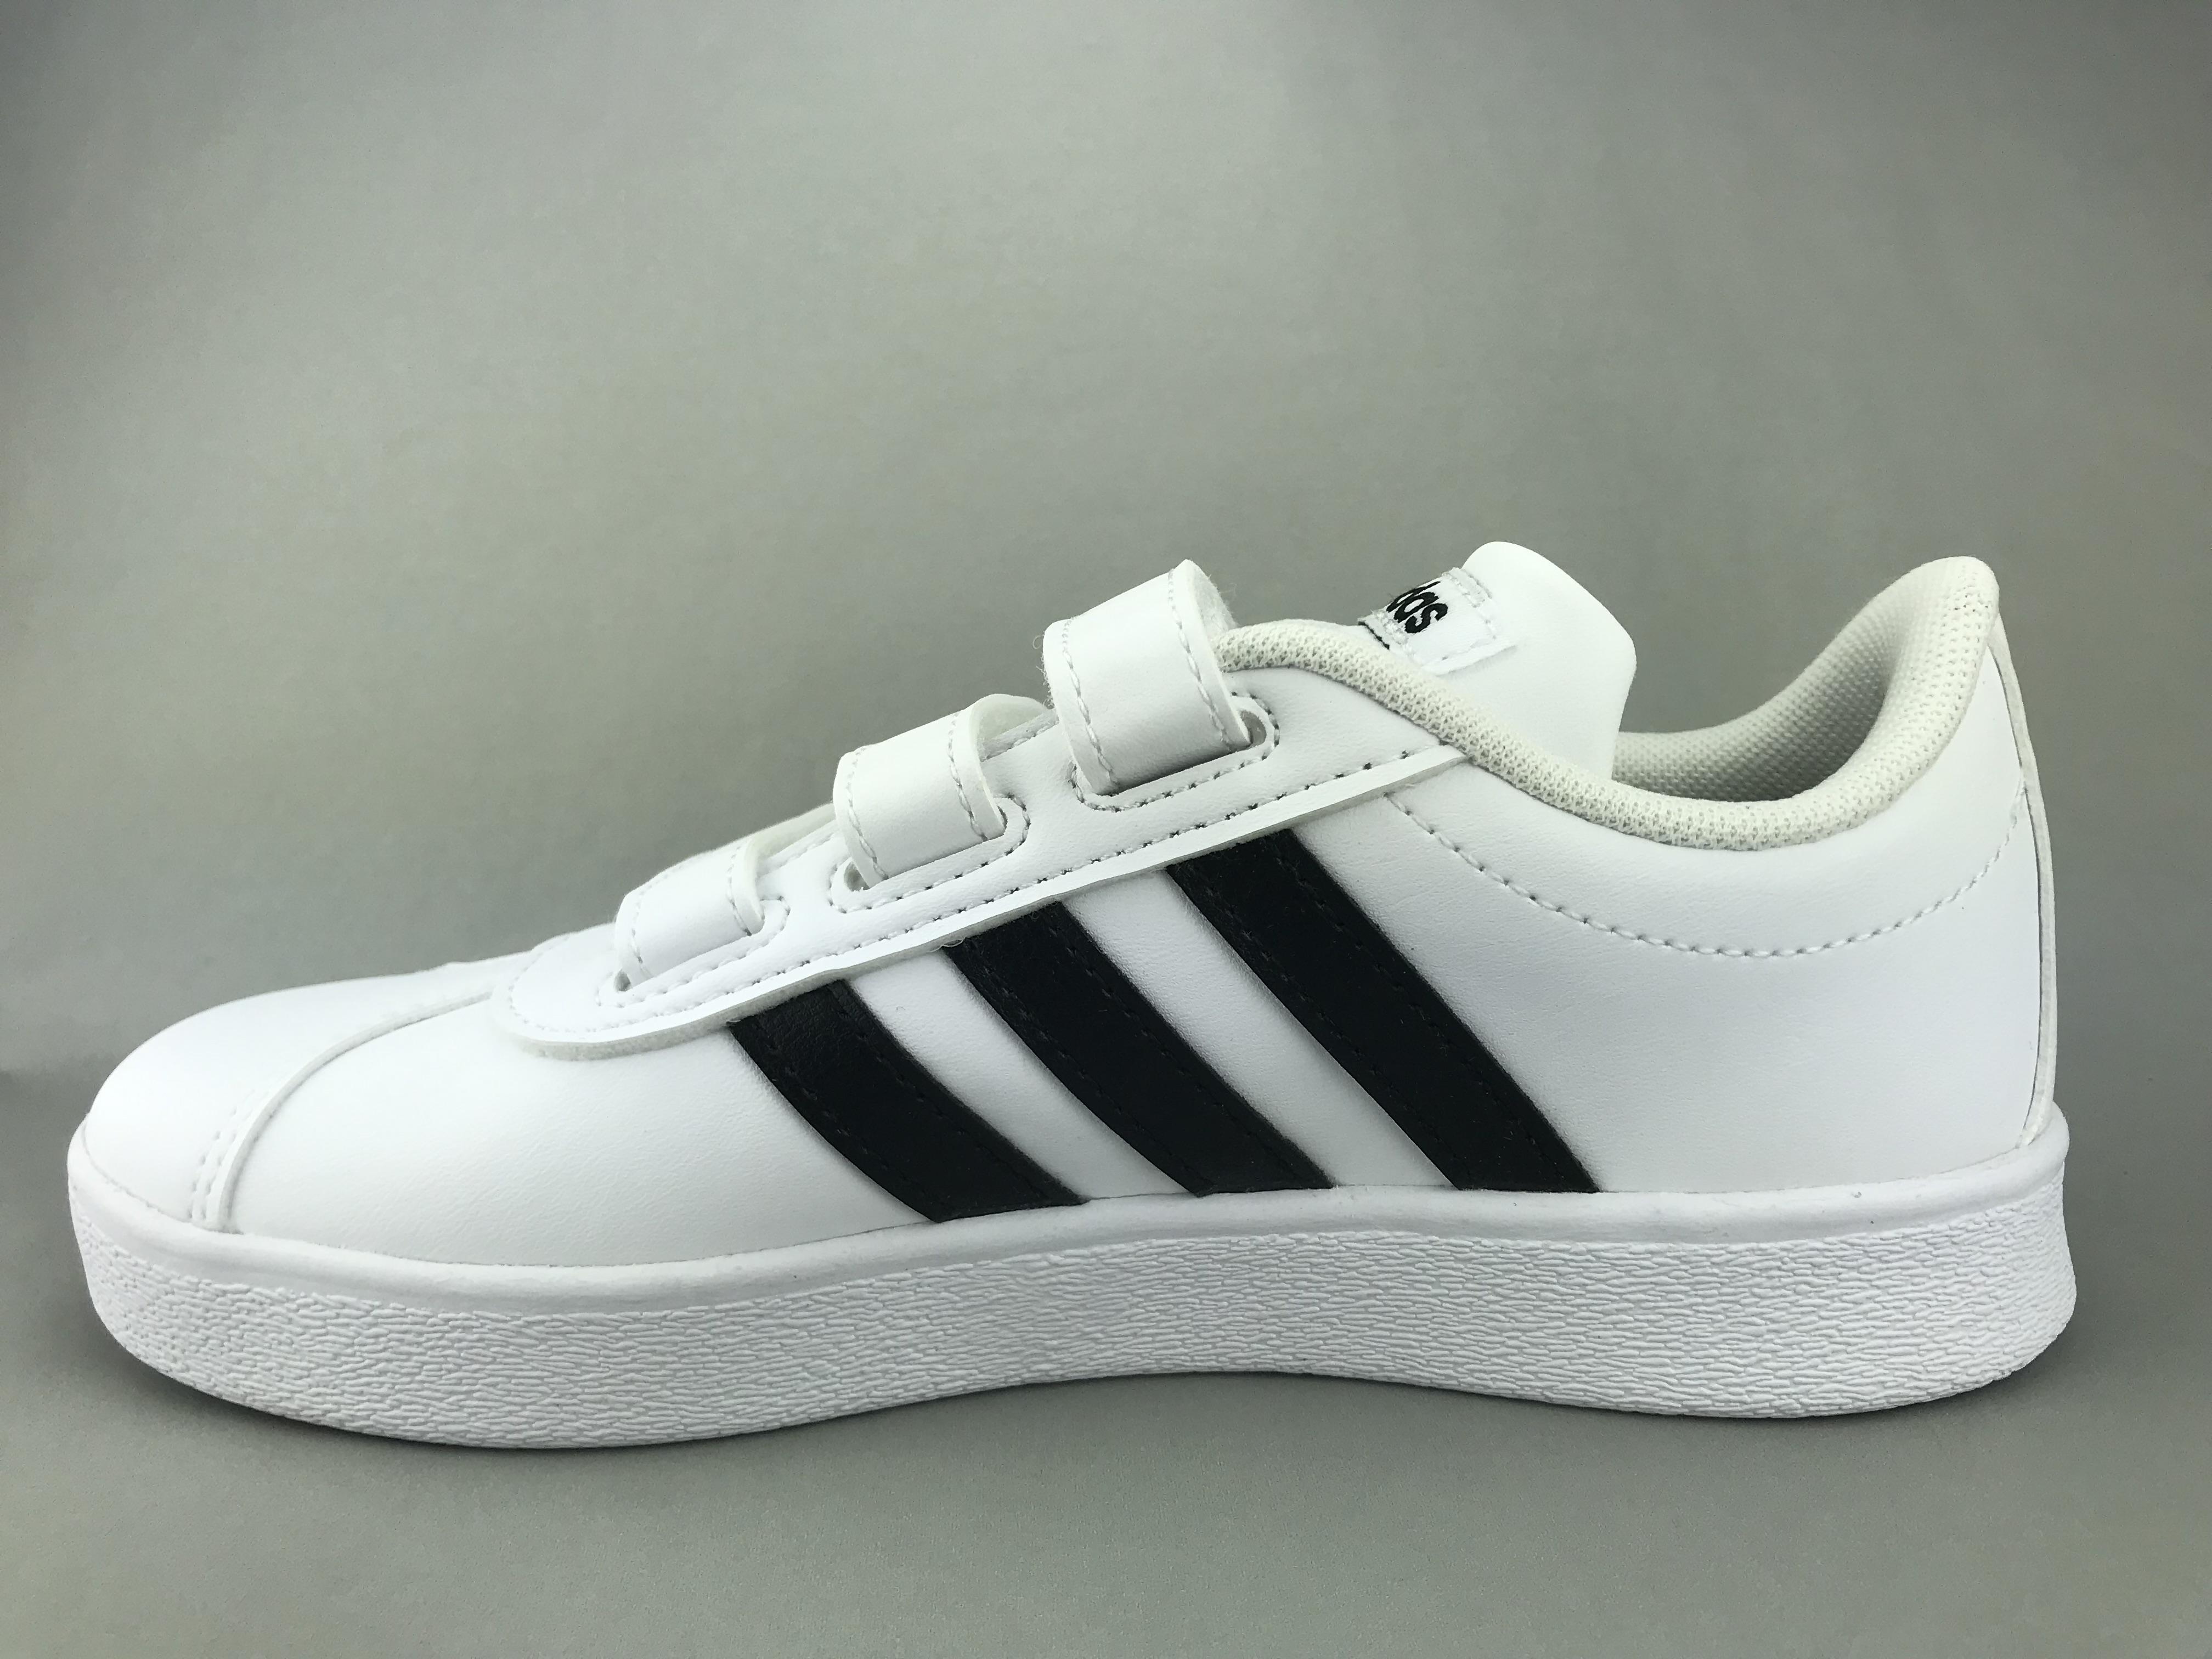 6bdf67823075 Adidas børne sneakers - hvid - BØRN - zjoos-hjoerring.dk